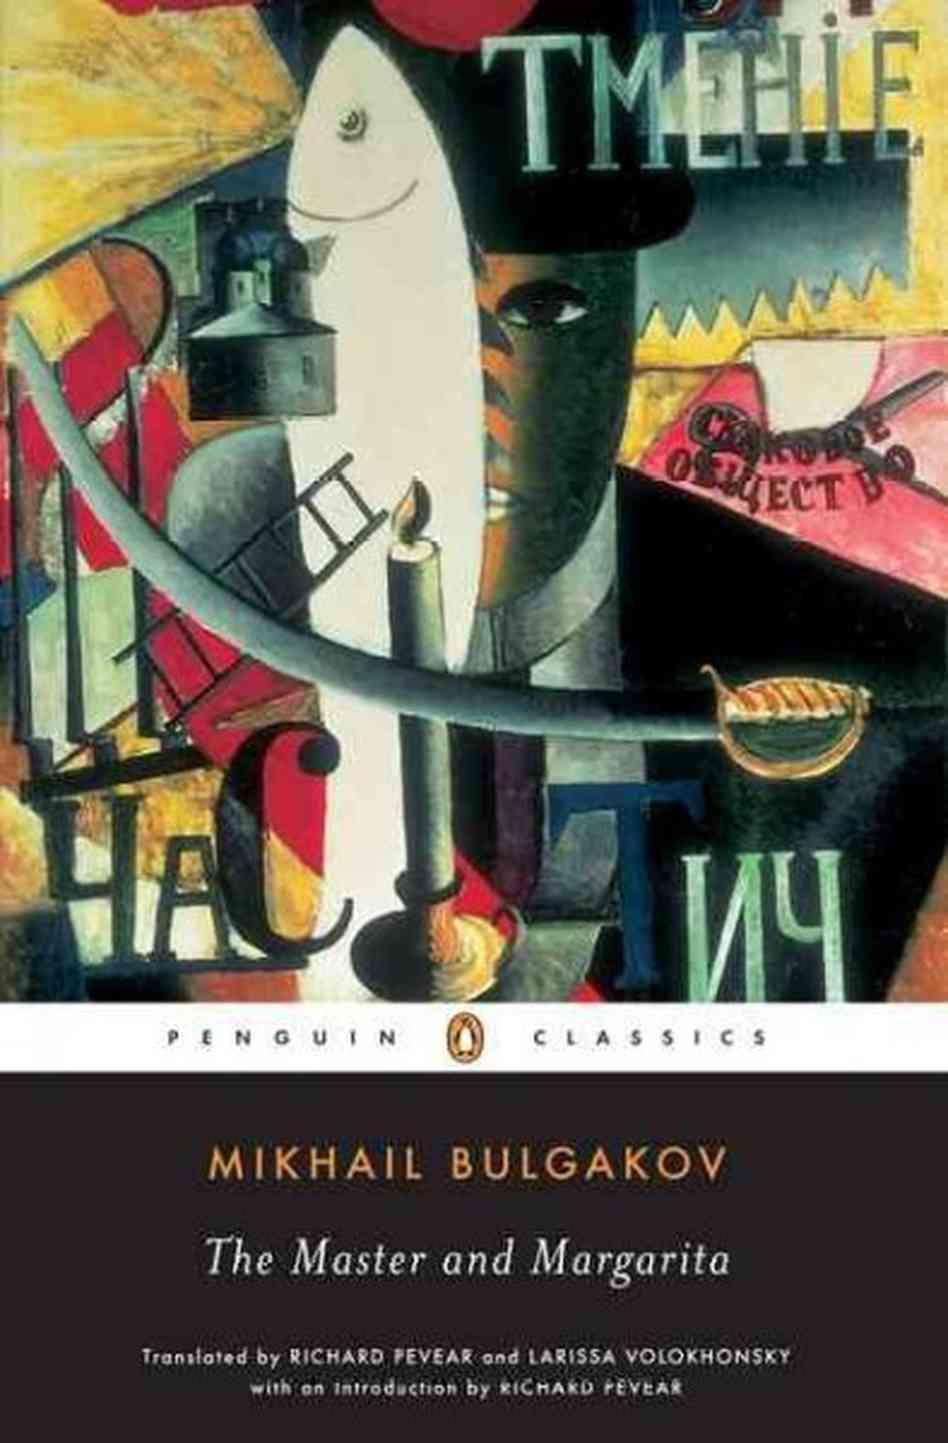 The Master and Margarita Mikhail Bulgakov 1st Grove Press